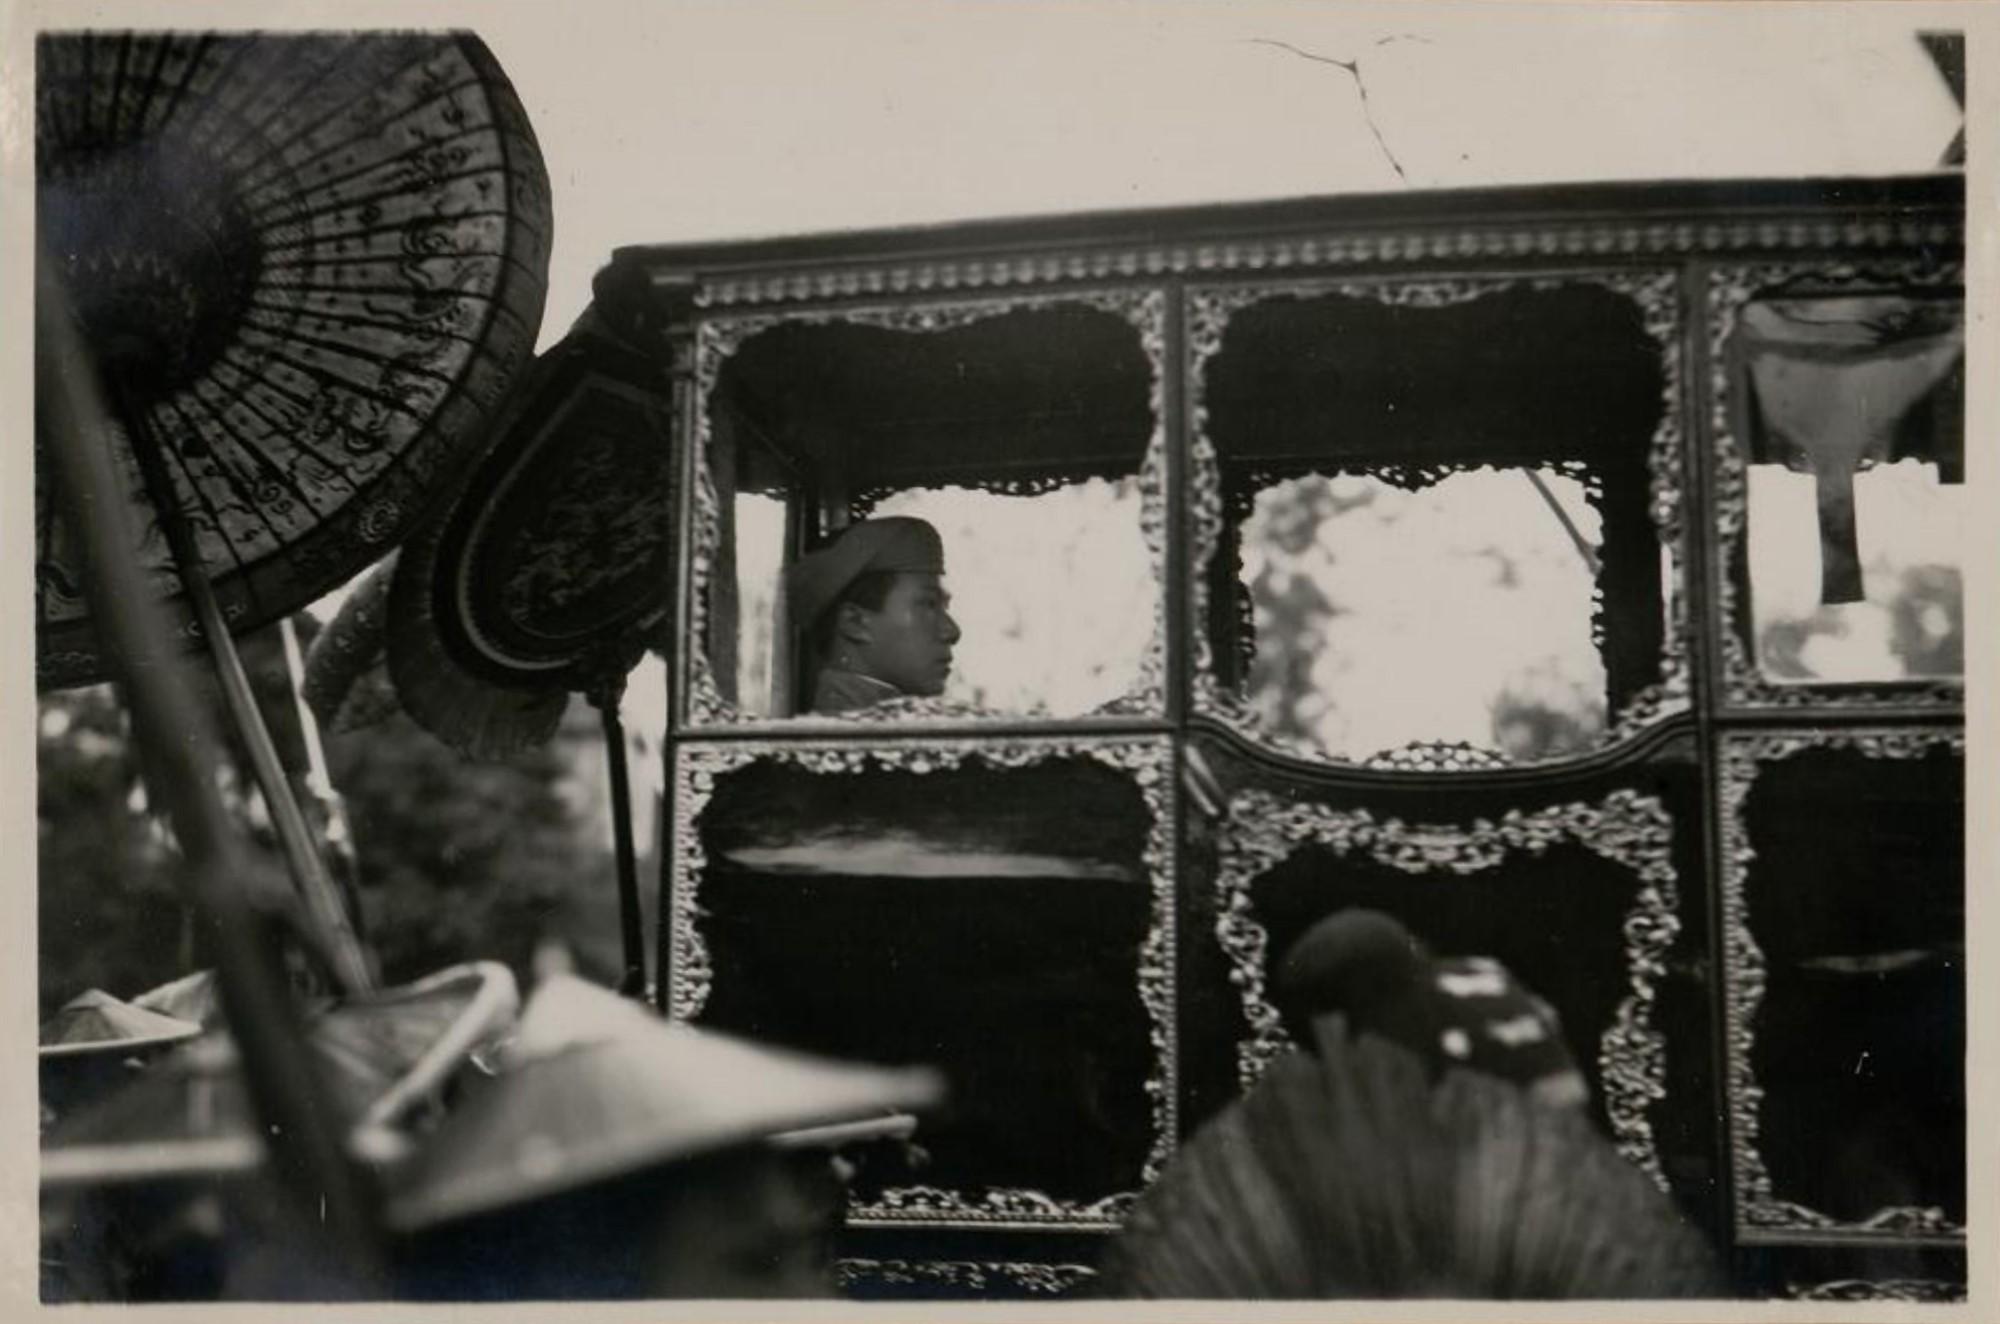 Hồi ức vua Bảo Đại: Nỗi niềm của một 'diễn viên sân khấu' chính trị